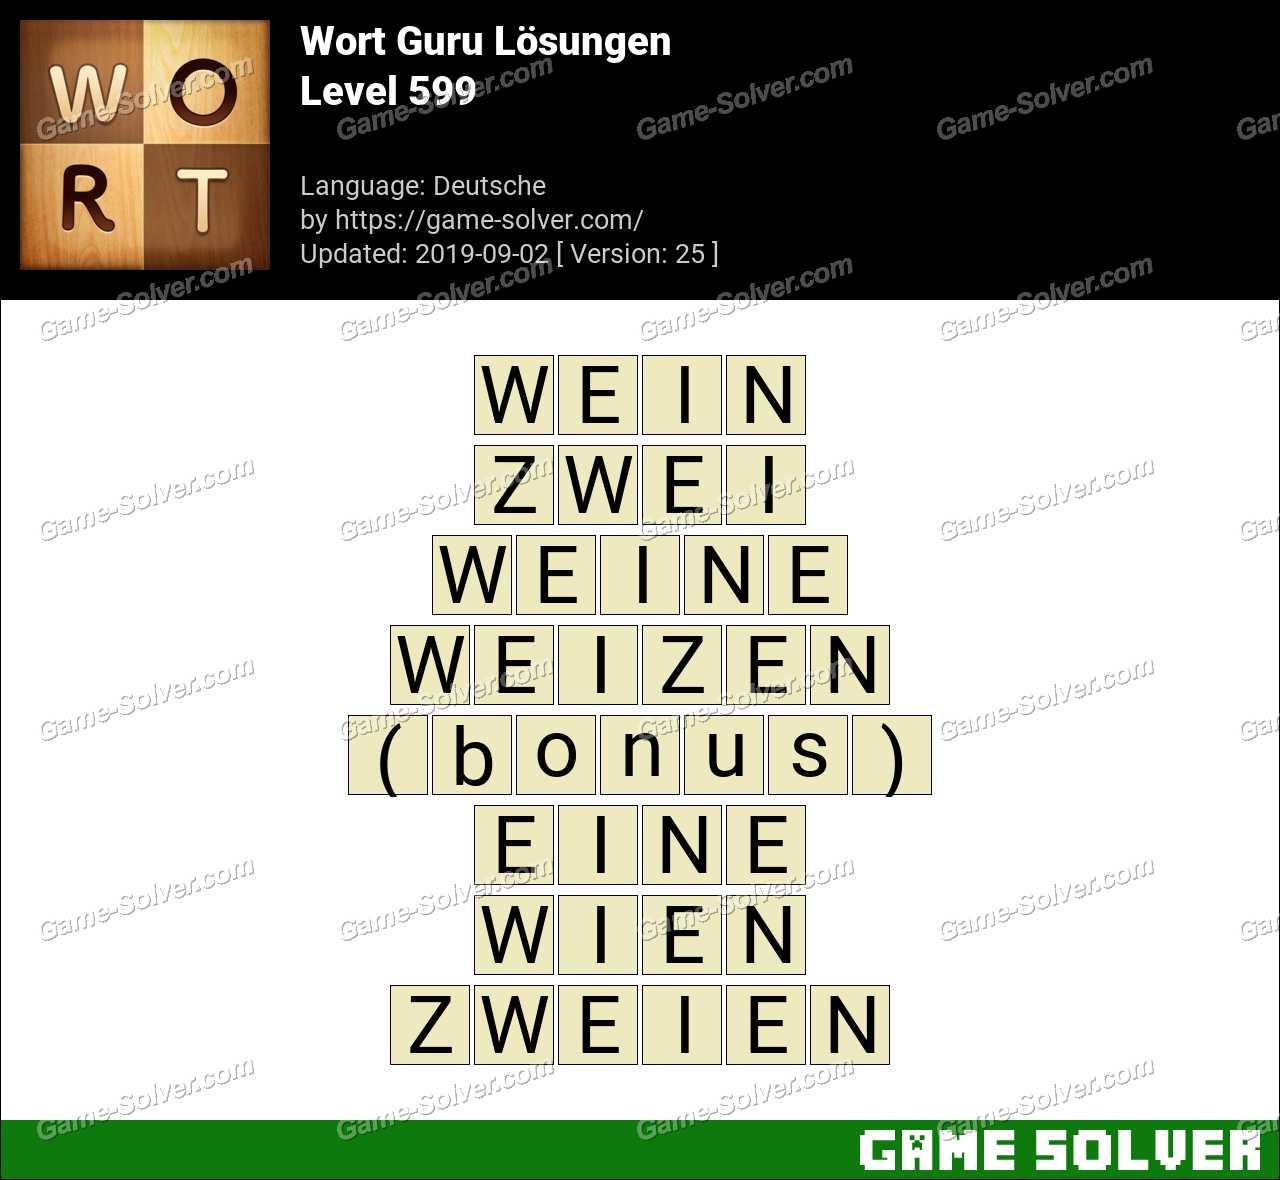 Wort Guru Level 599 Lösungen